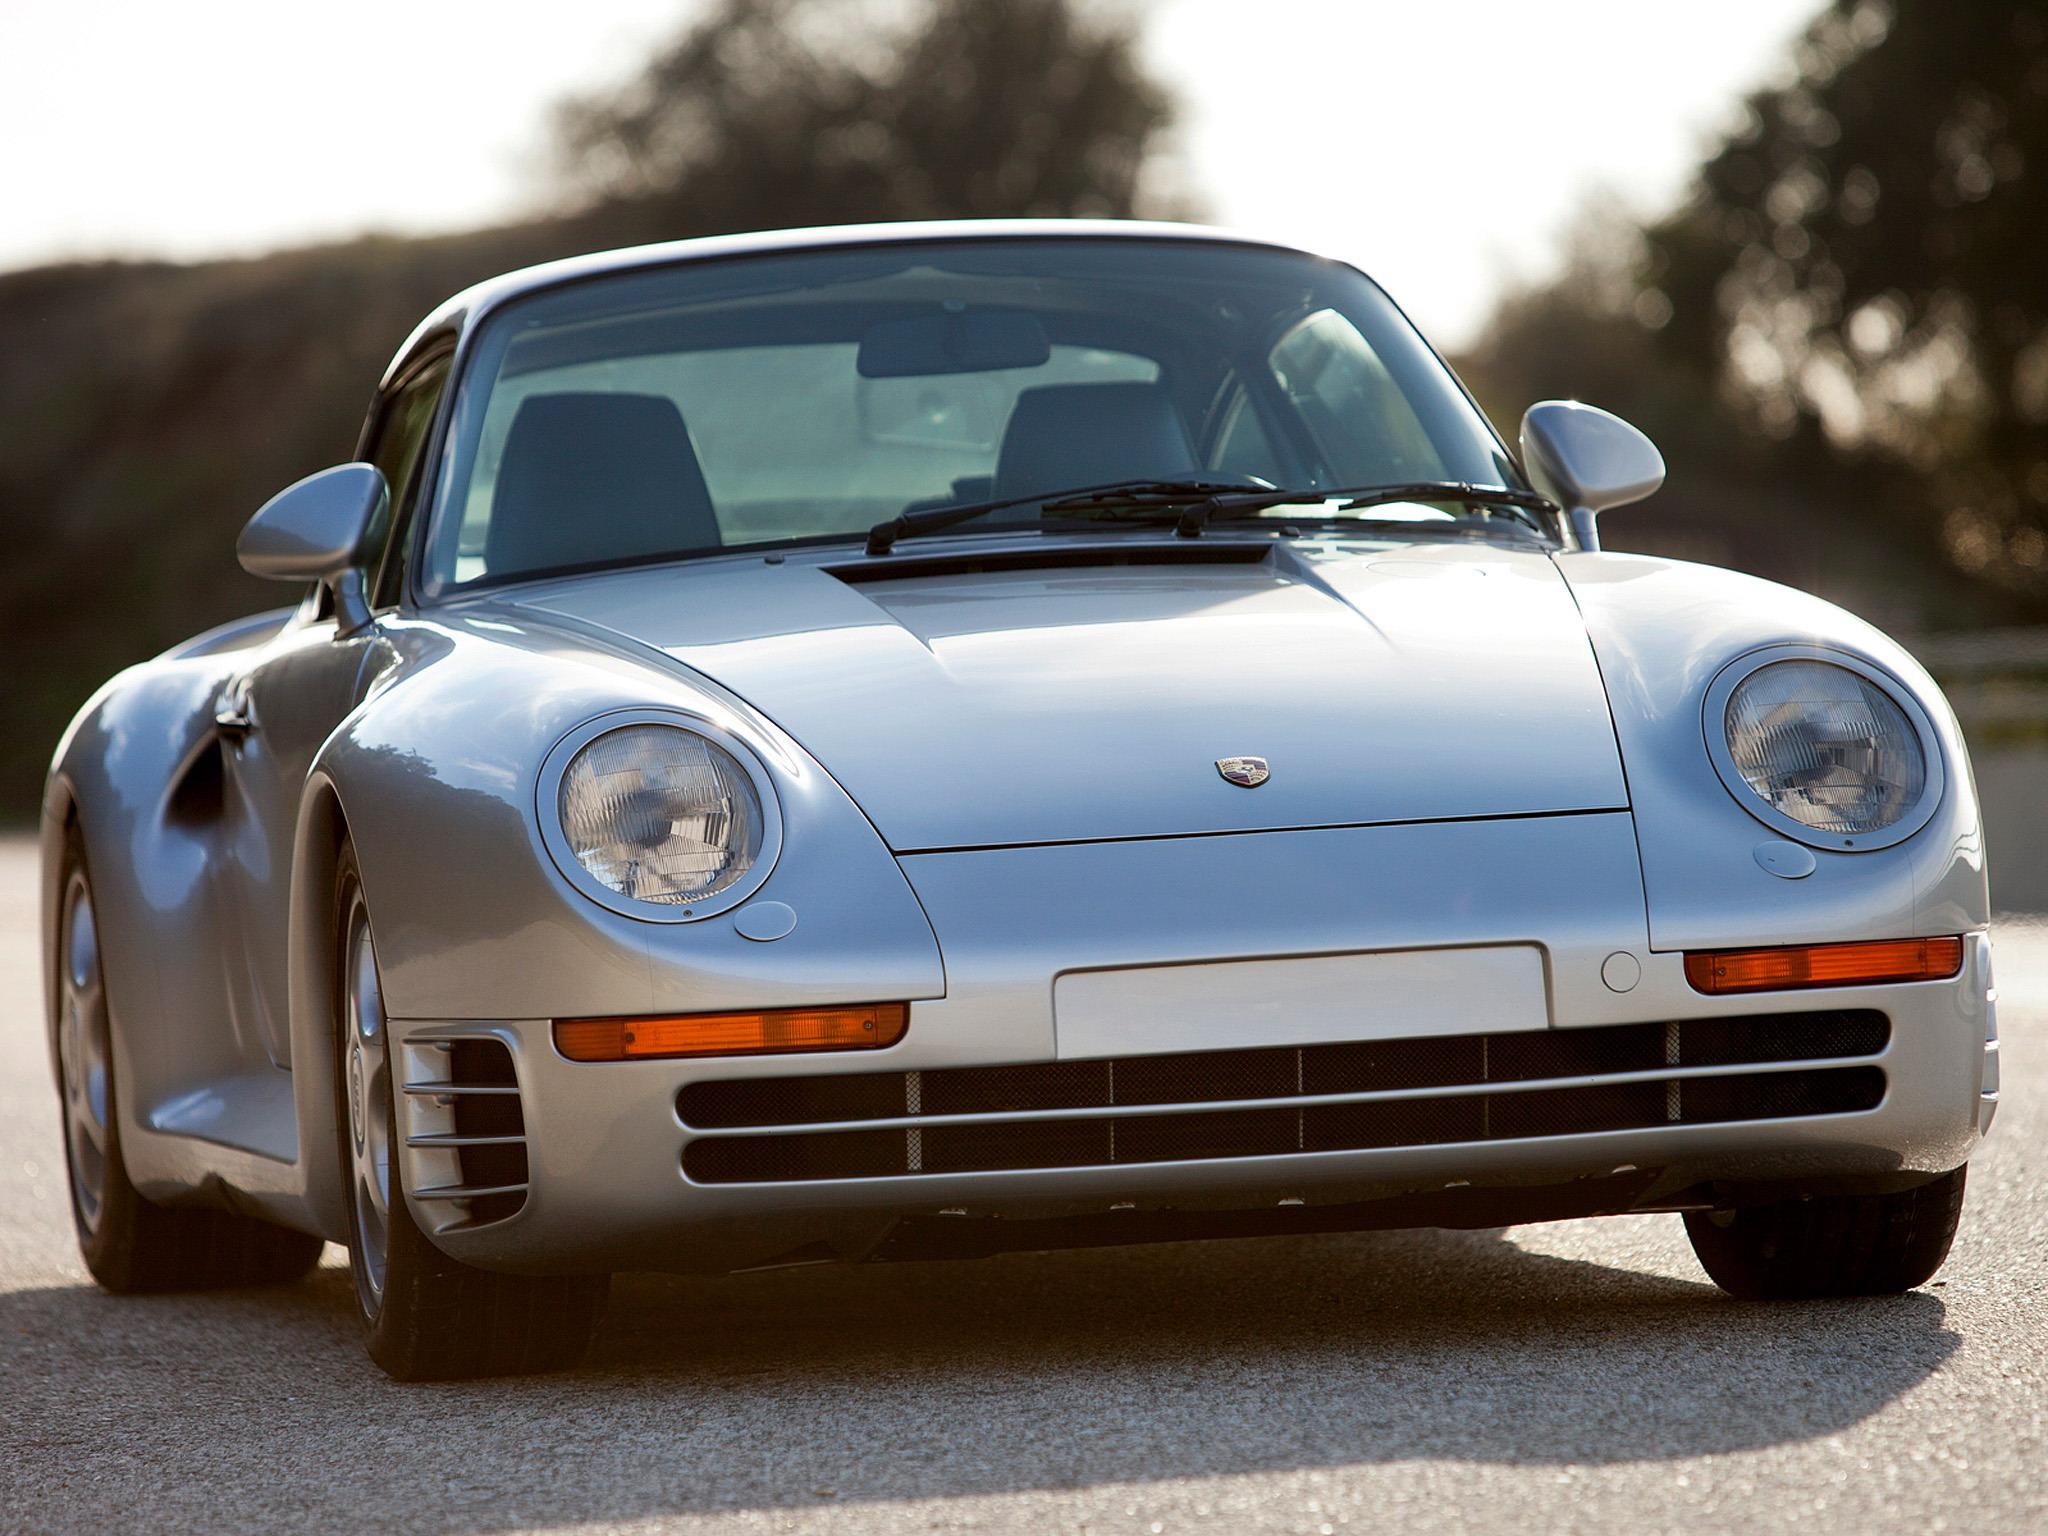 Porsche 959 1986 - 1991 Coupe #3